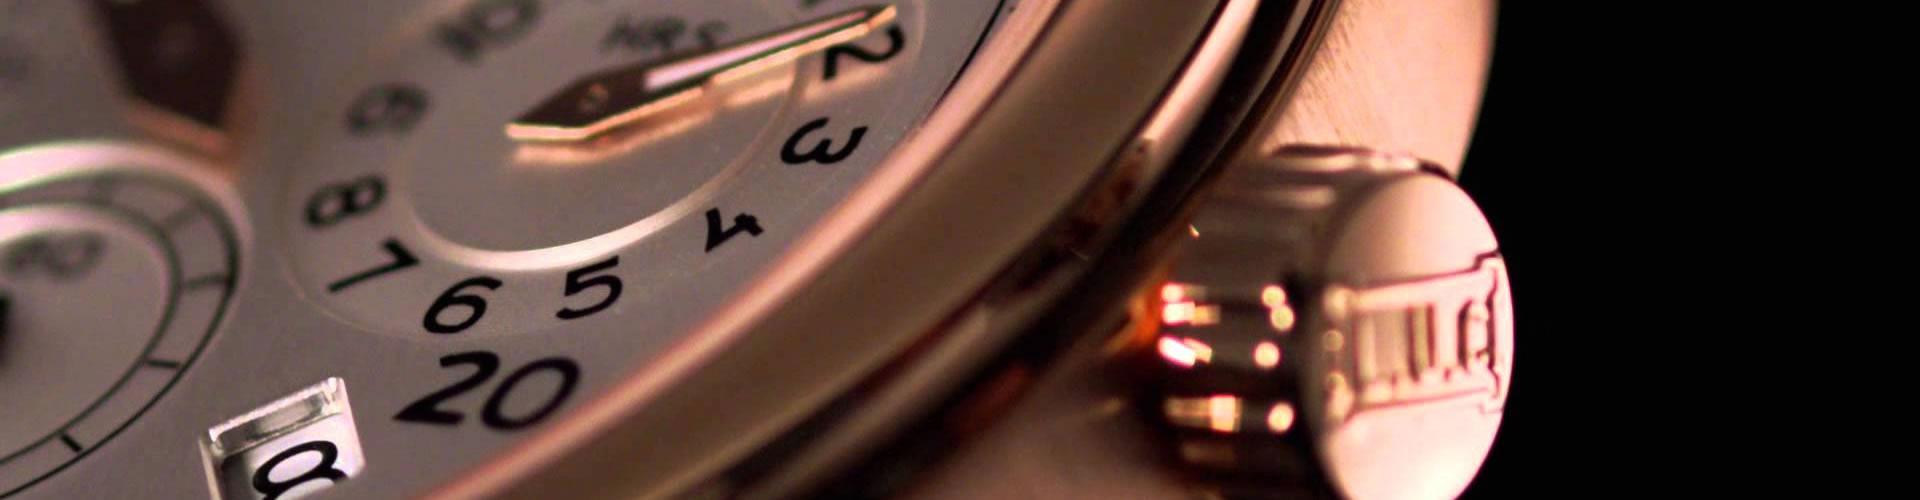 Horlogeglas, wat zijn de verschillen tussen de glassoorten?